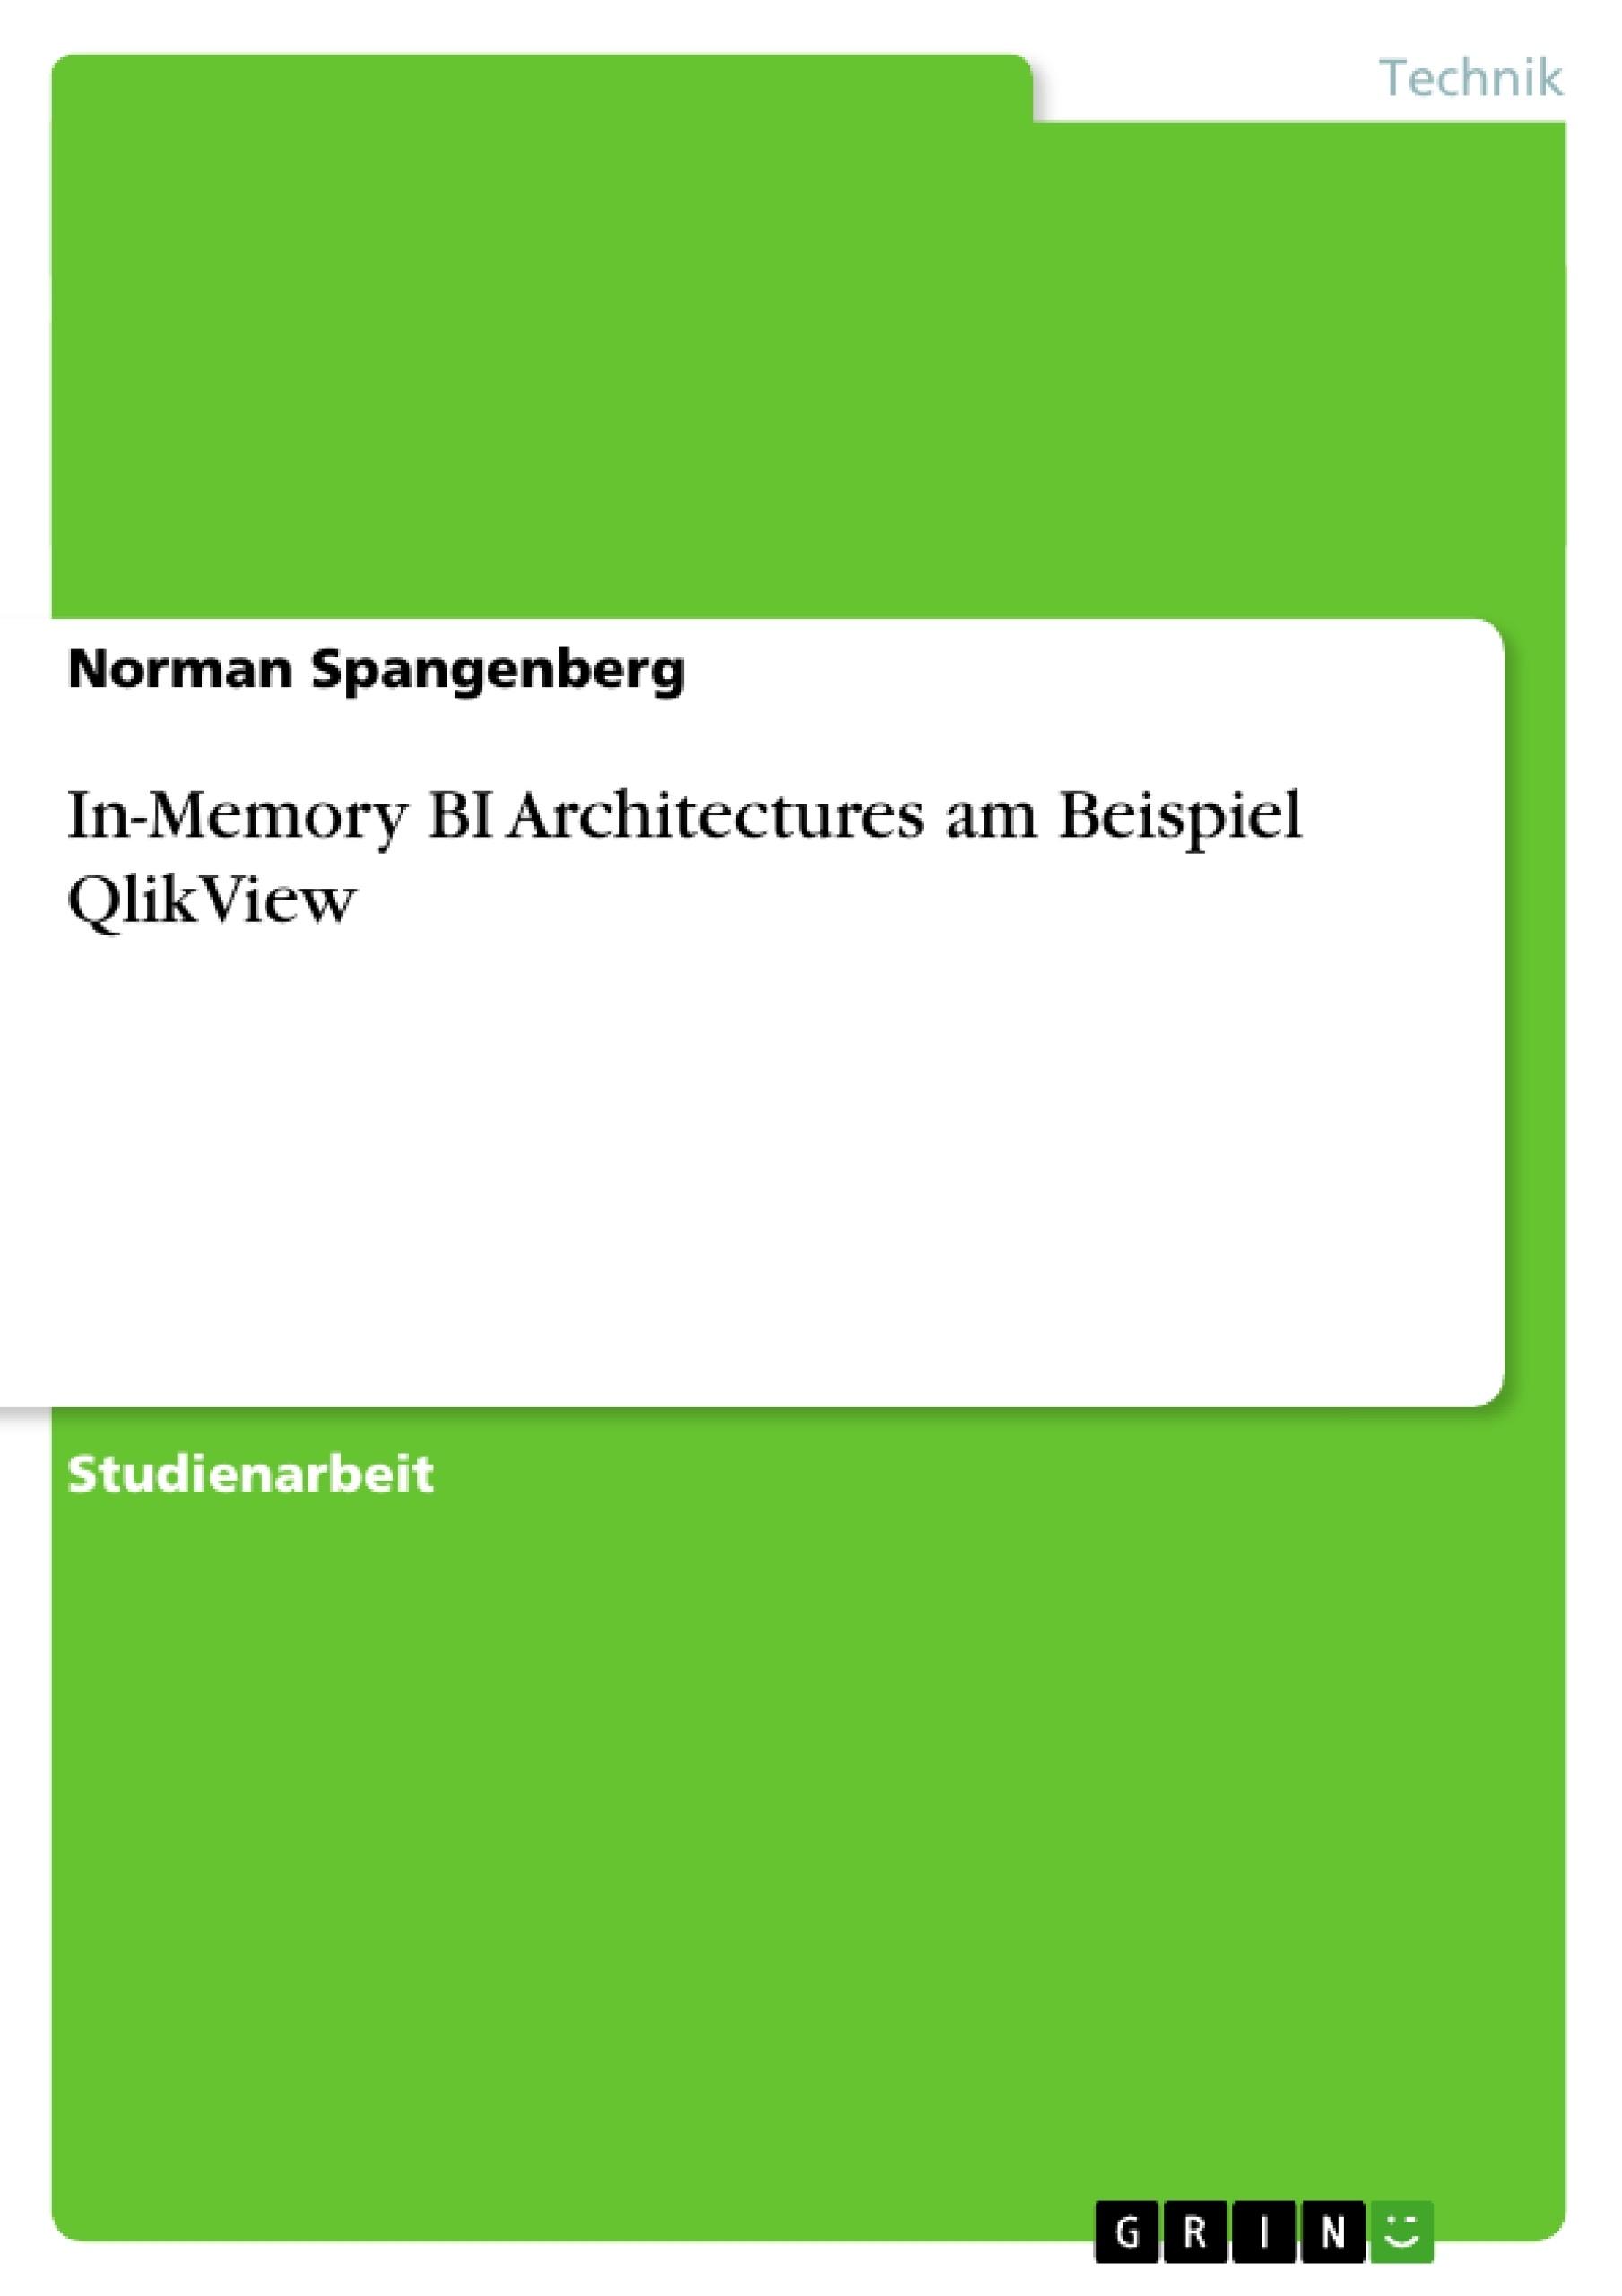 Titel: In-Memory BI Architectures am Beispiel QlikView